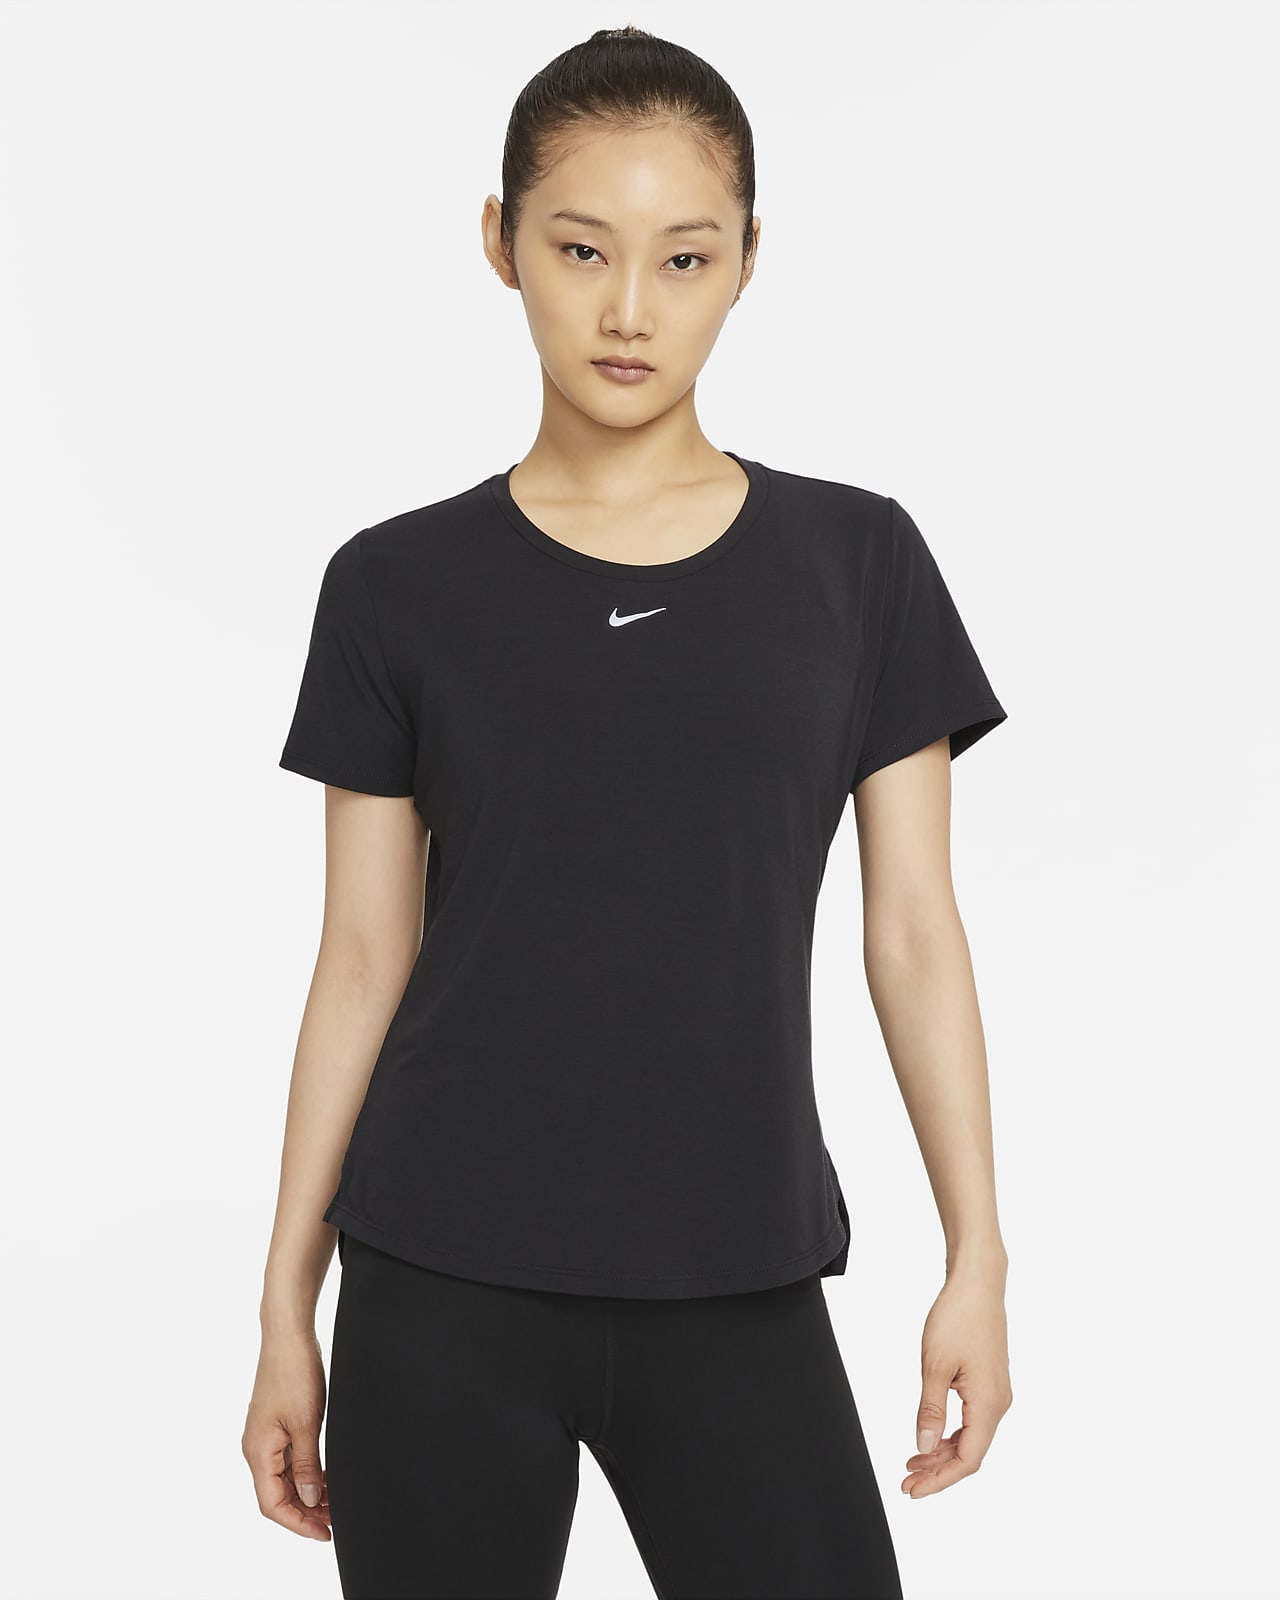 เสื้อแขนสั้นทรงมาตรฐานผู้หญิง Nike Dri-FIT One Luxe